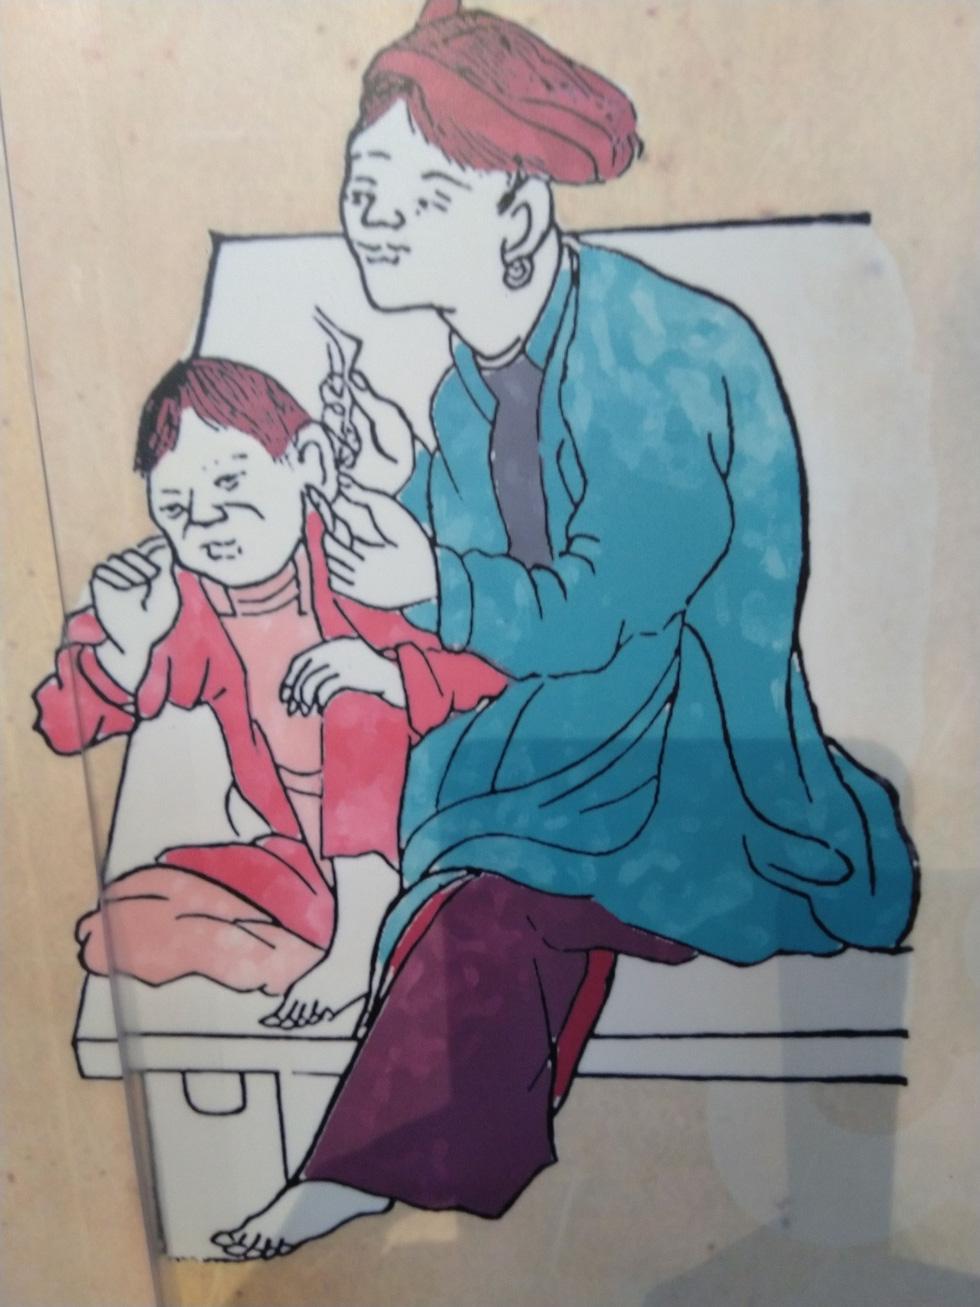 Tết Đoan Ngọ - Tết kì lạ nhất của người Việt qua tranh, tư liệu của tác giả Pháp - Ảnh 9.